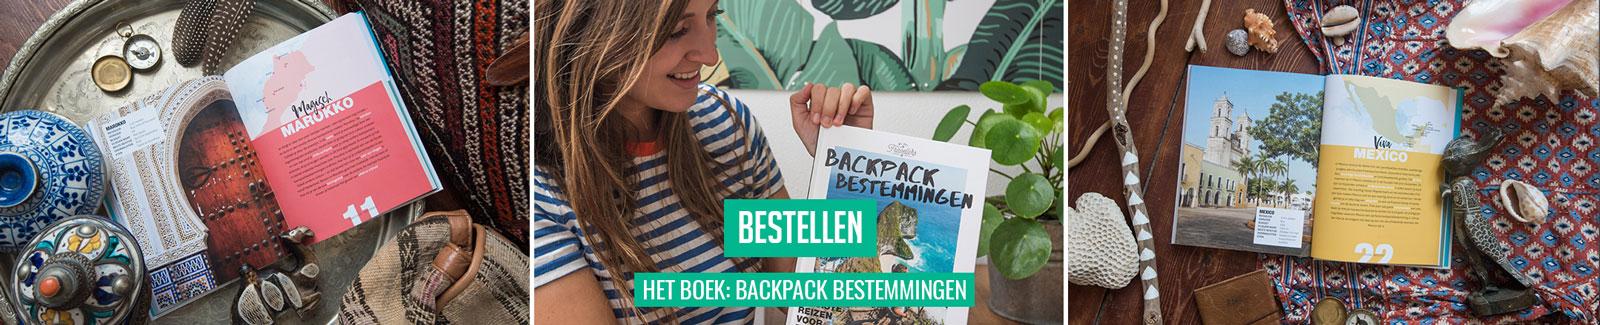 Boek Backpack Bestemmingen bestellen